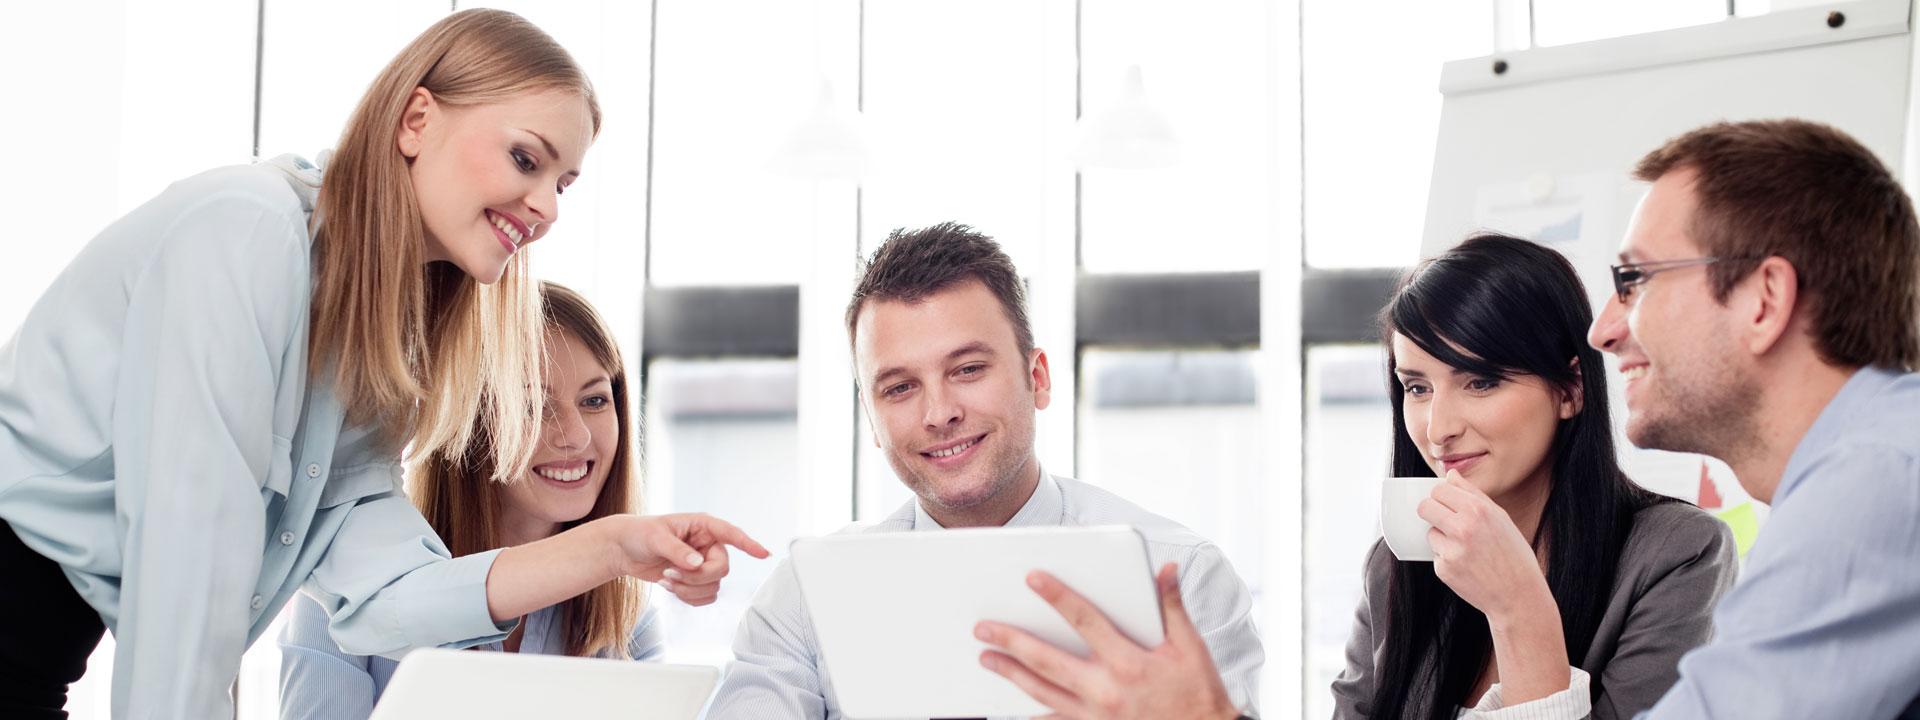 Cevi consulting: asesoría para créditos a la formación de profesionales en Madrid